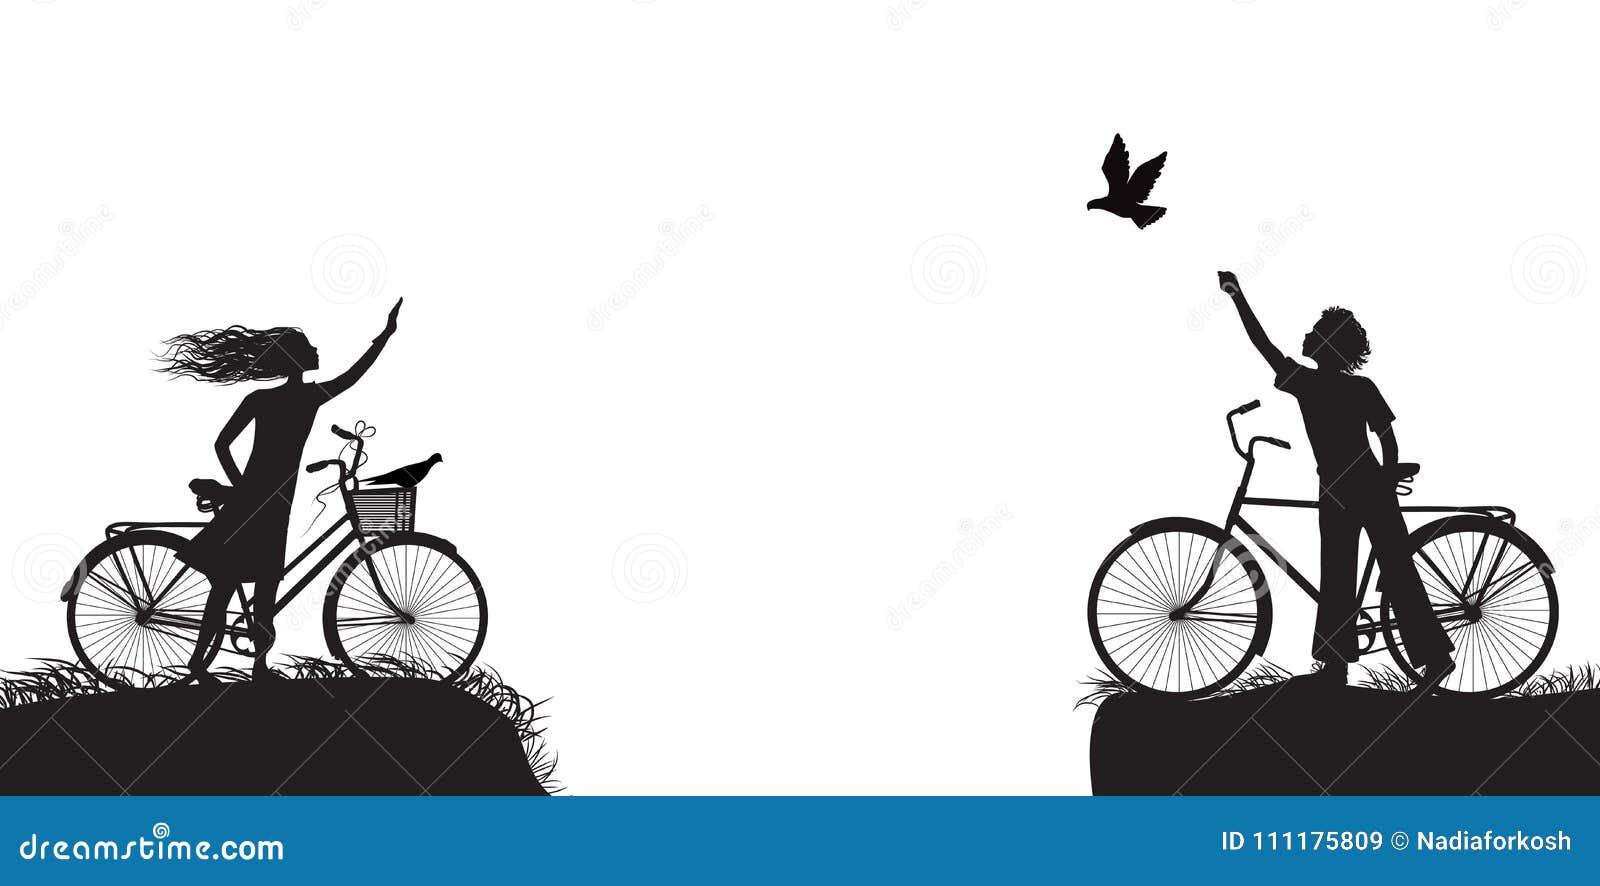 Il ragazzo e la ragazza sulla bicicletta che si ondeggia ed il ragazzo libera il piccione, due amanti sulla bicicletta, in bianco